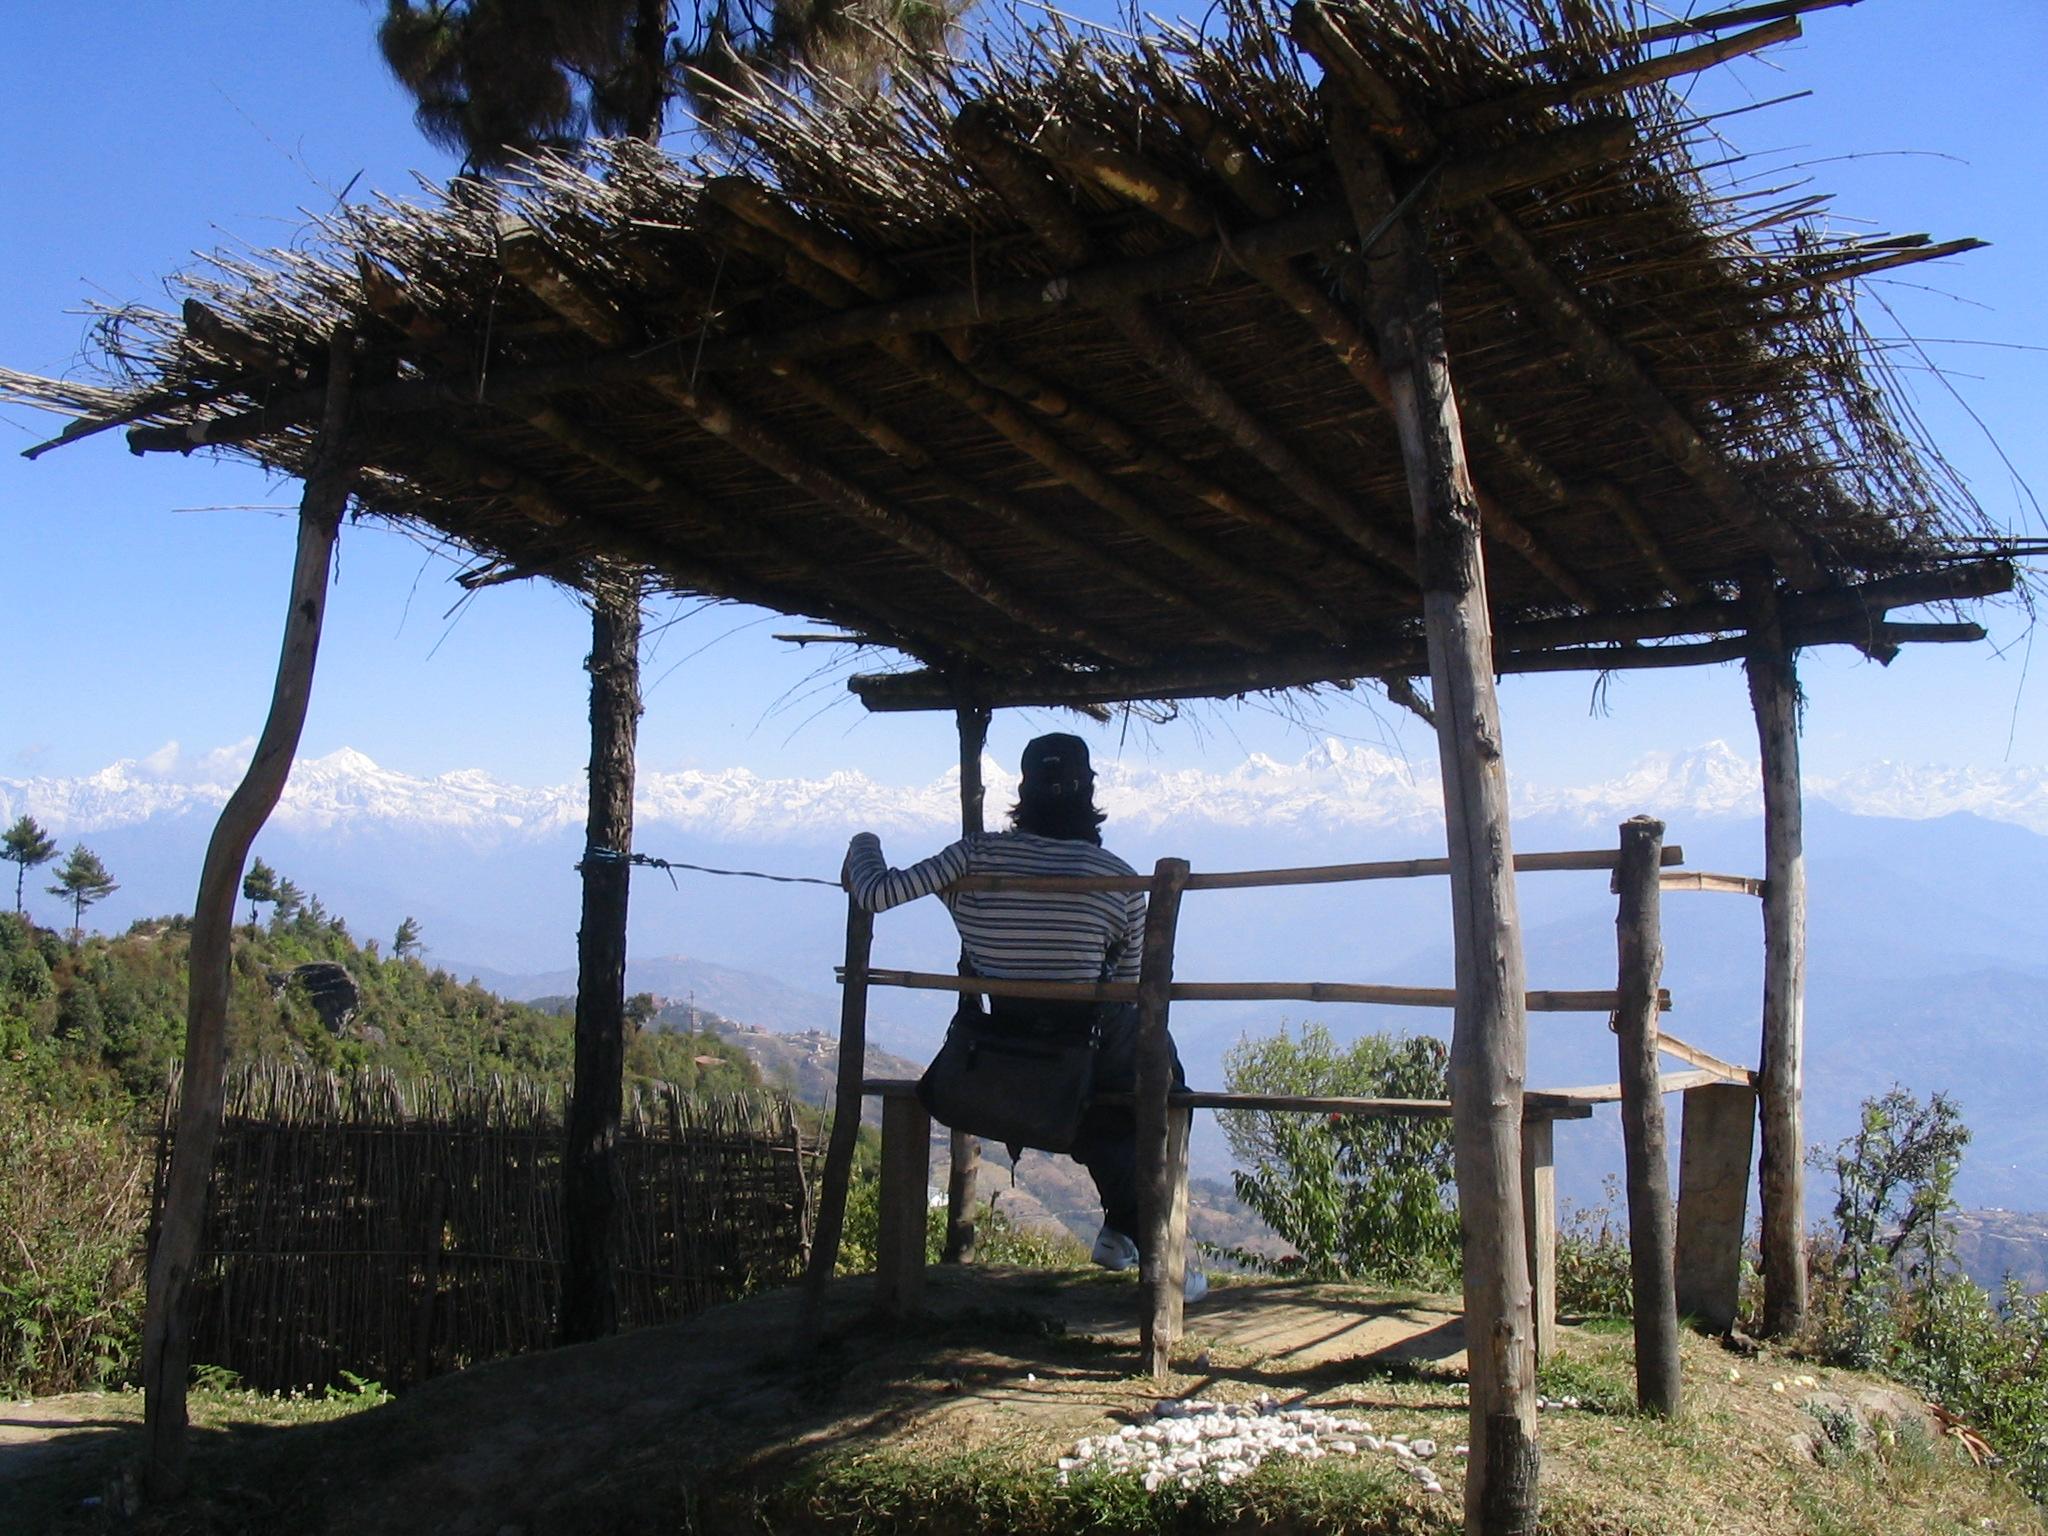 Mon ami népalais Sagar contemplant l'Himalaya